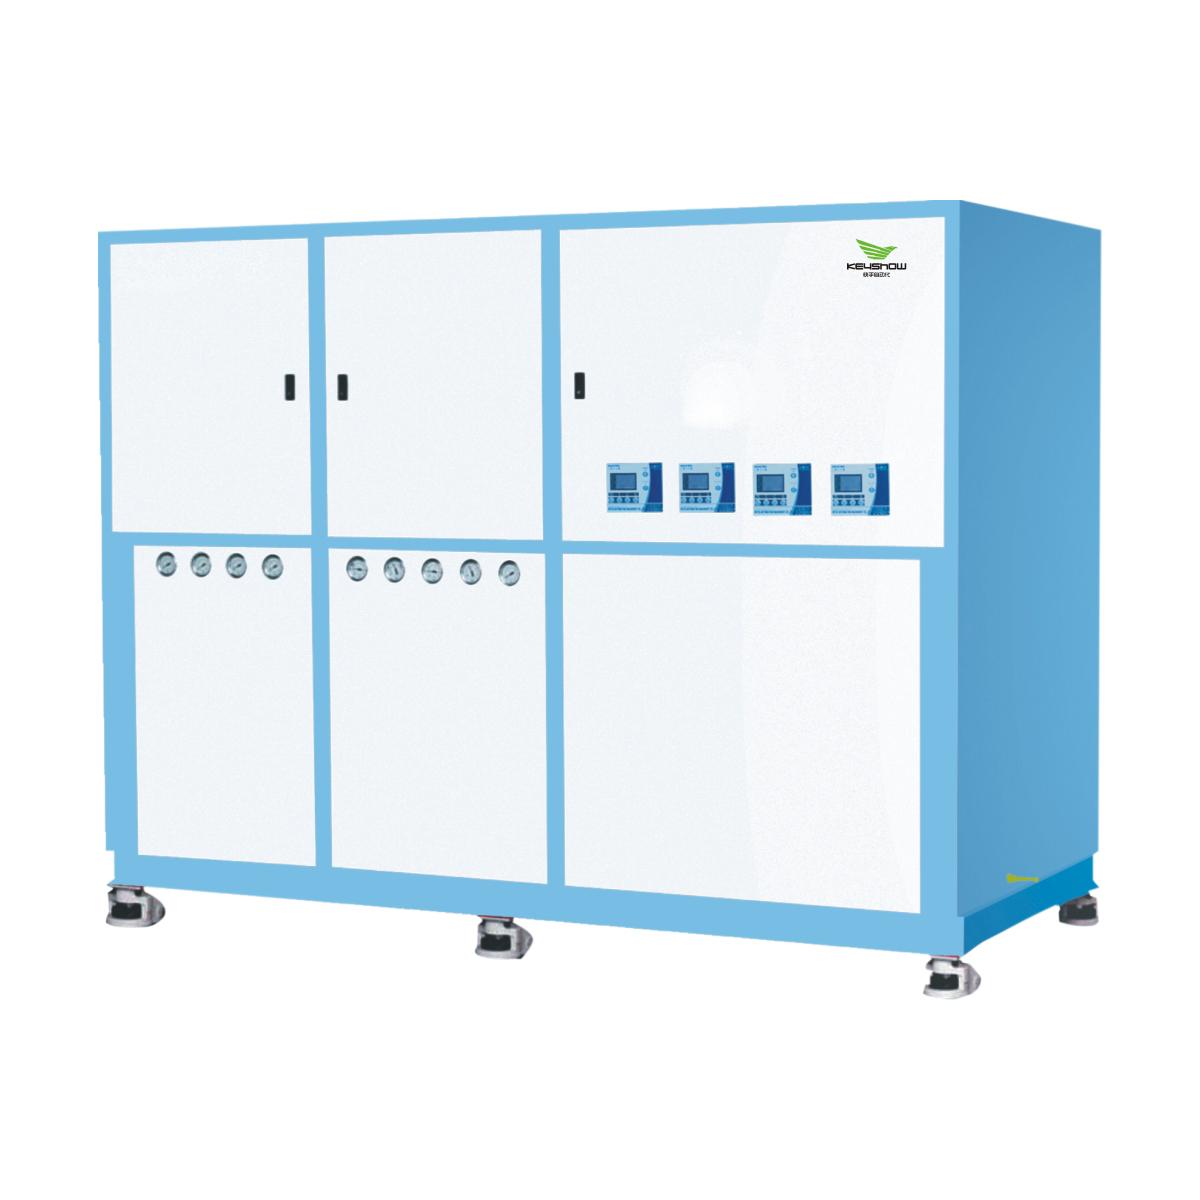 辅机-水冷式冰水机